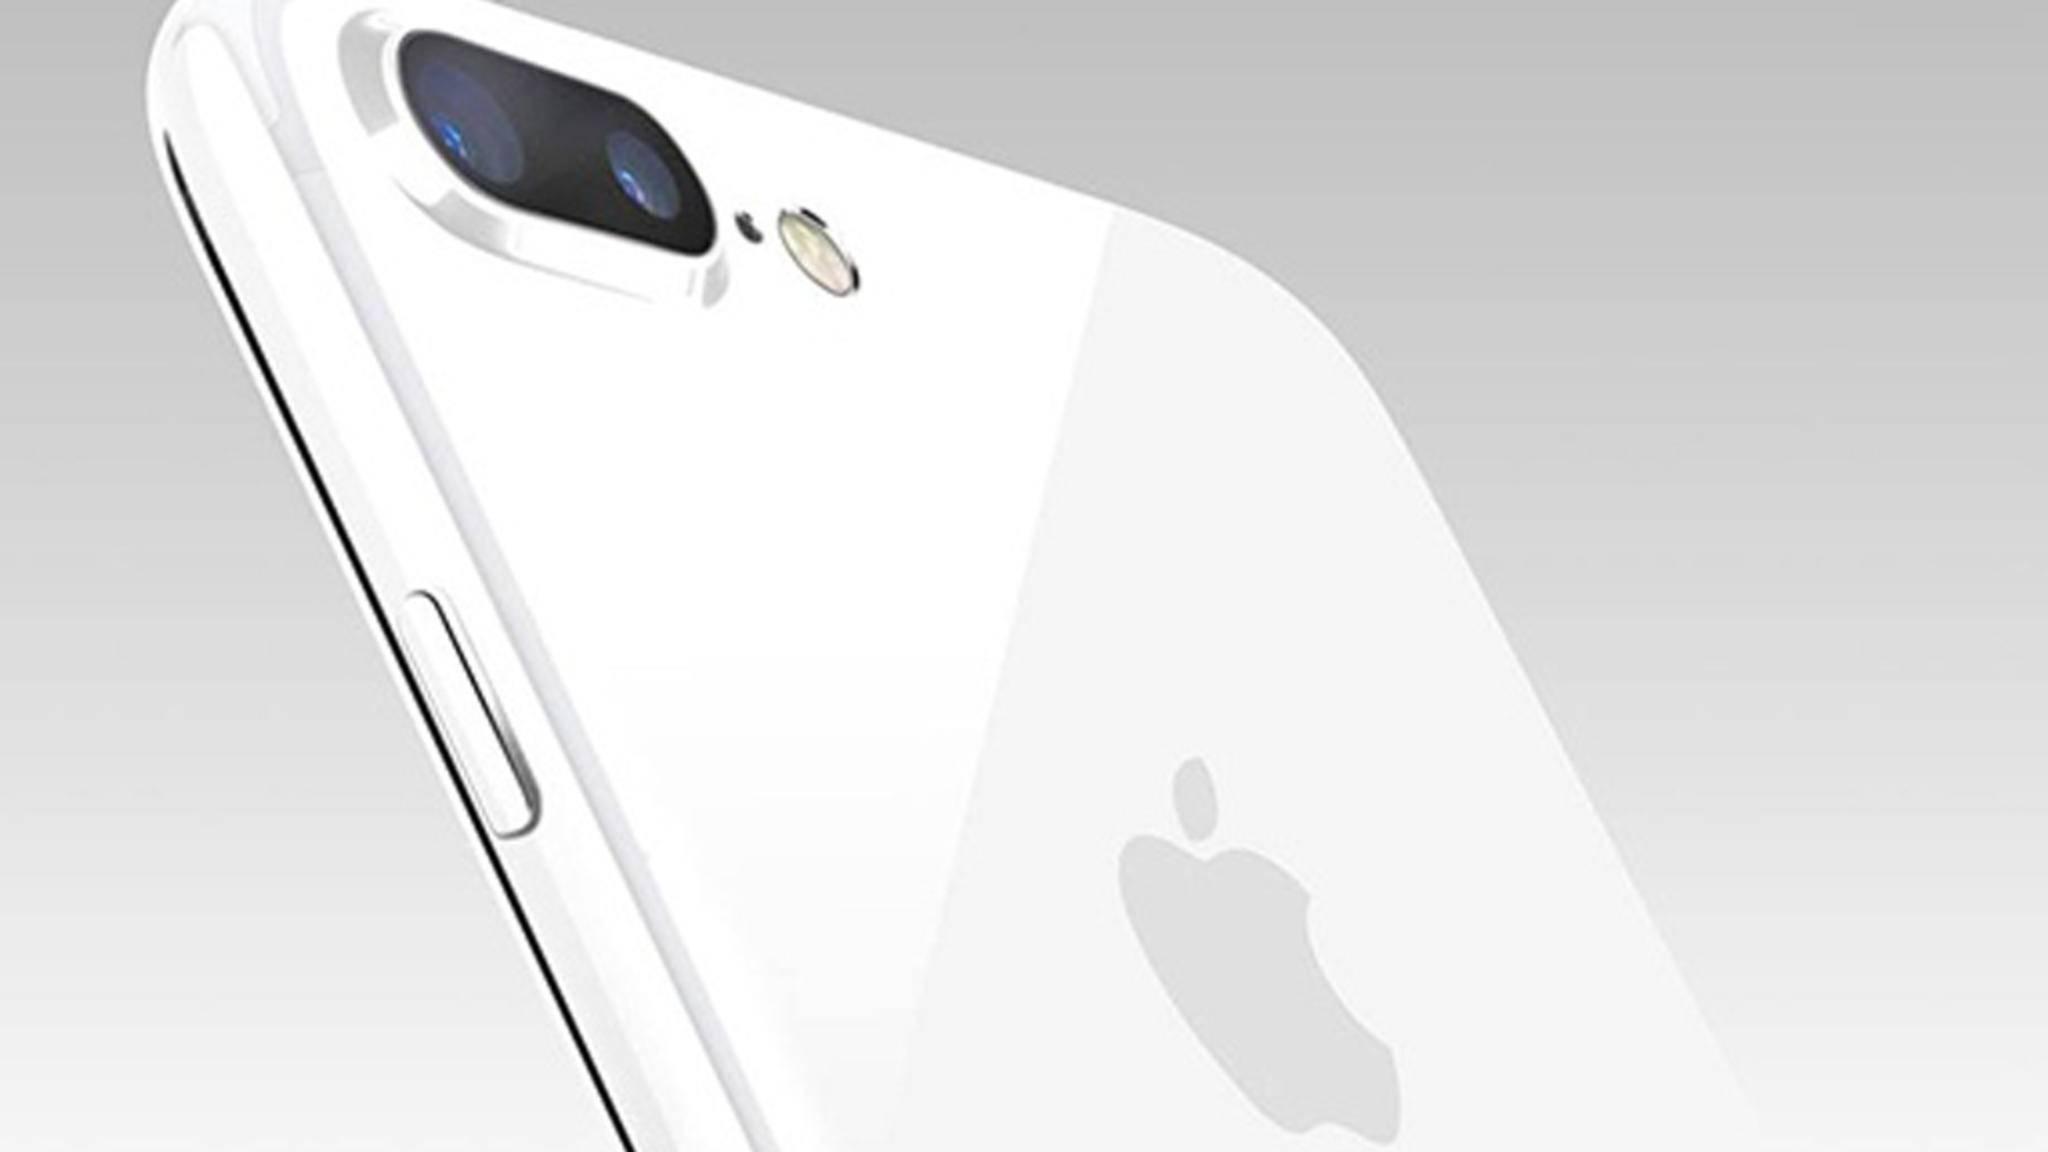 Bekommt das iPhone 7 zwei Monate nach dem Release eine neue Farboption?